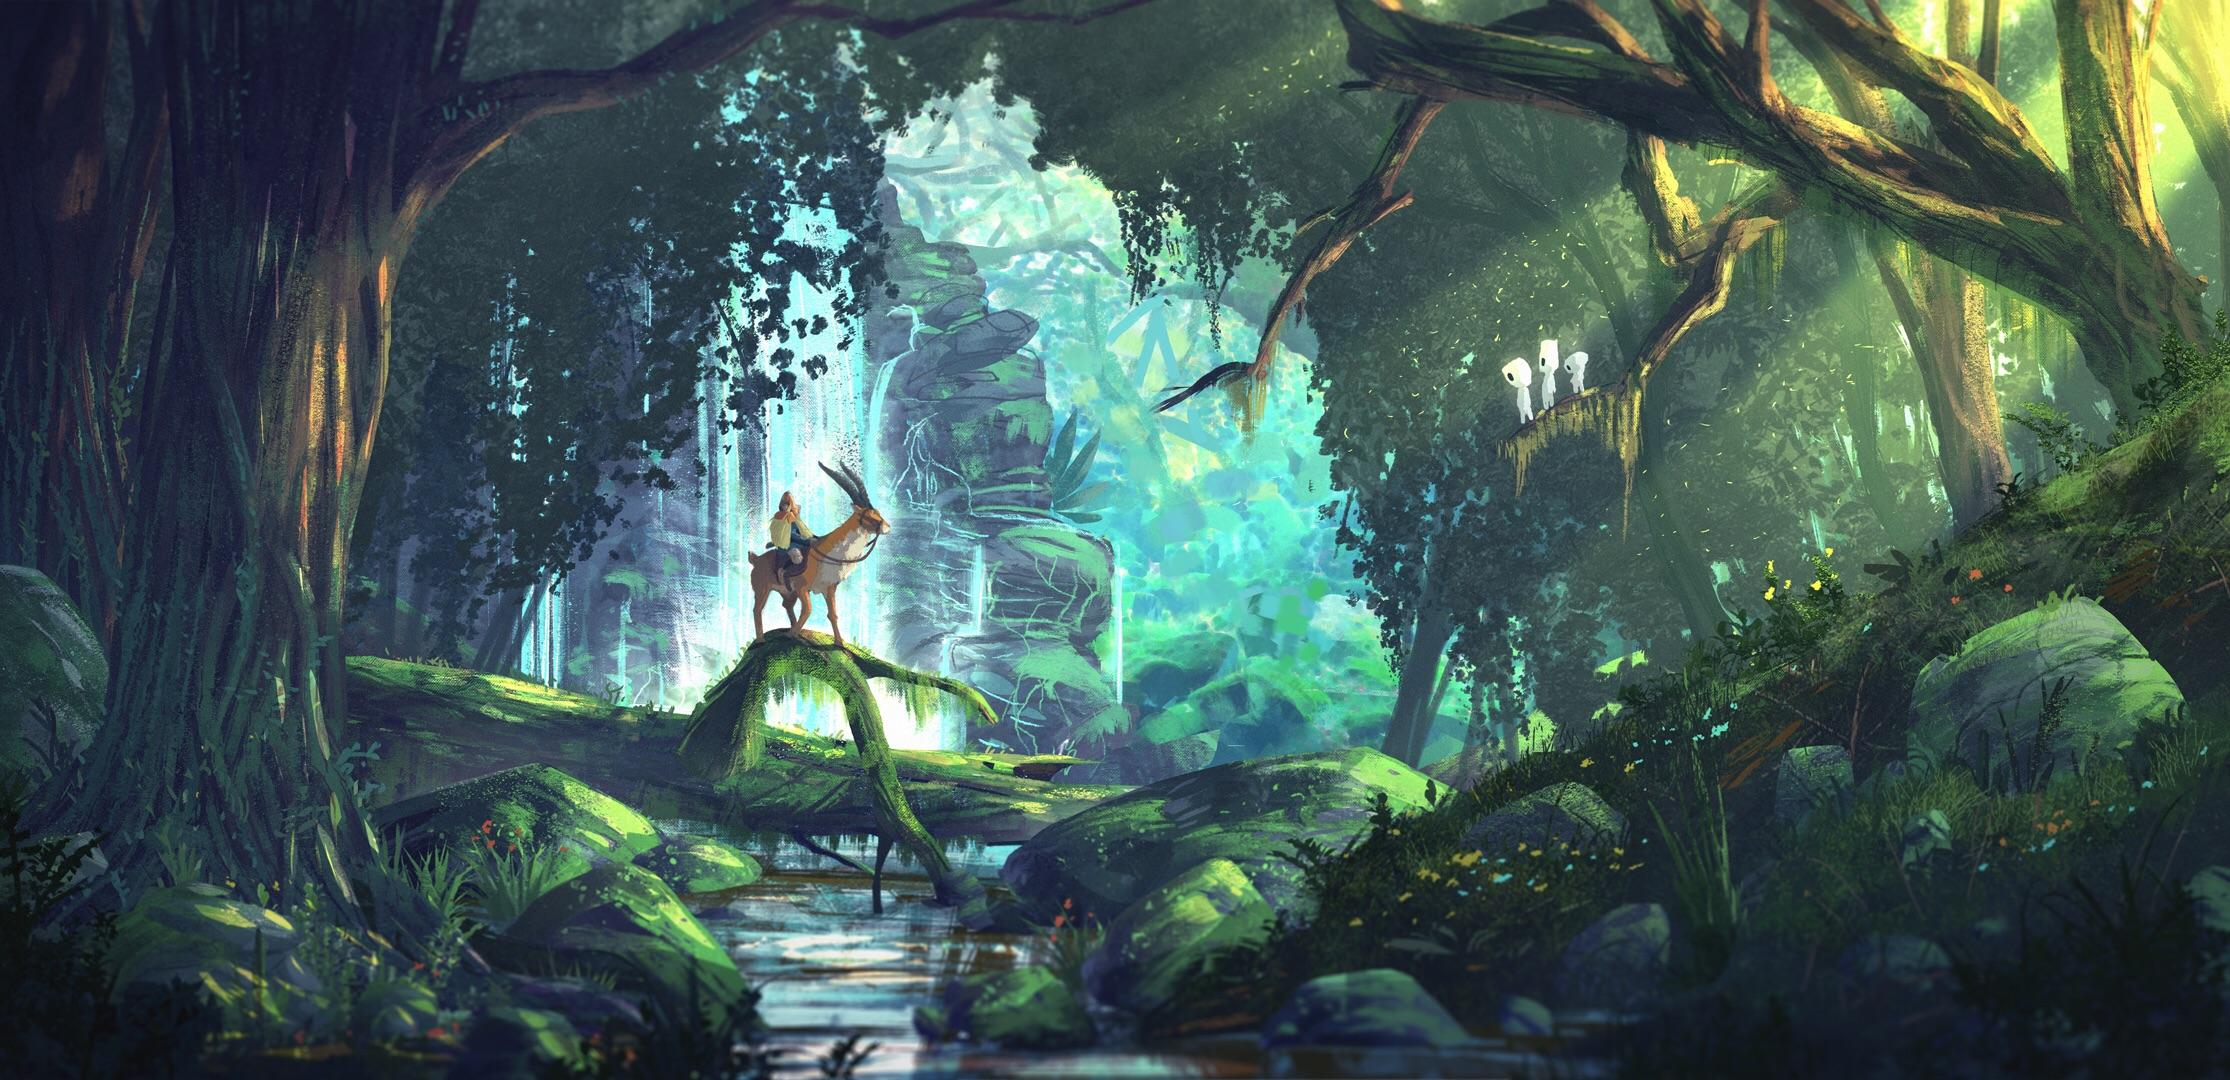 Princess Mononoke 1080p